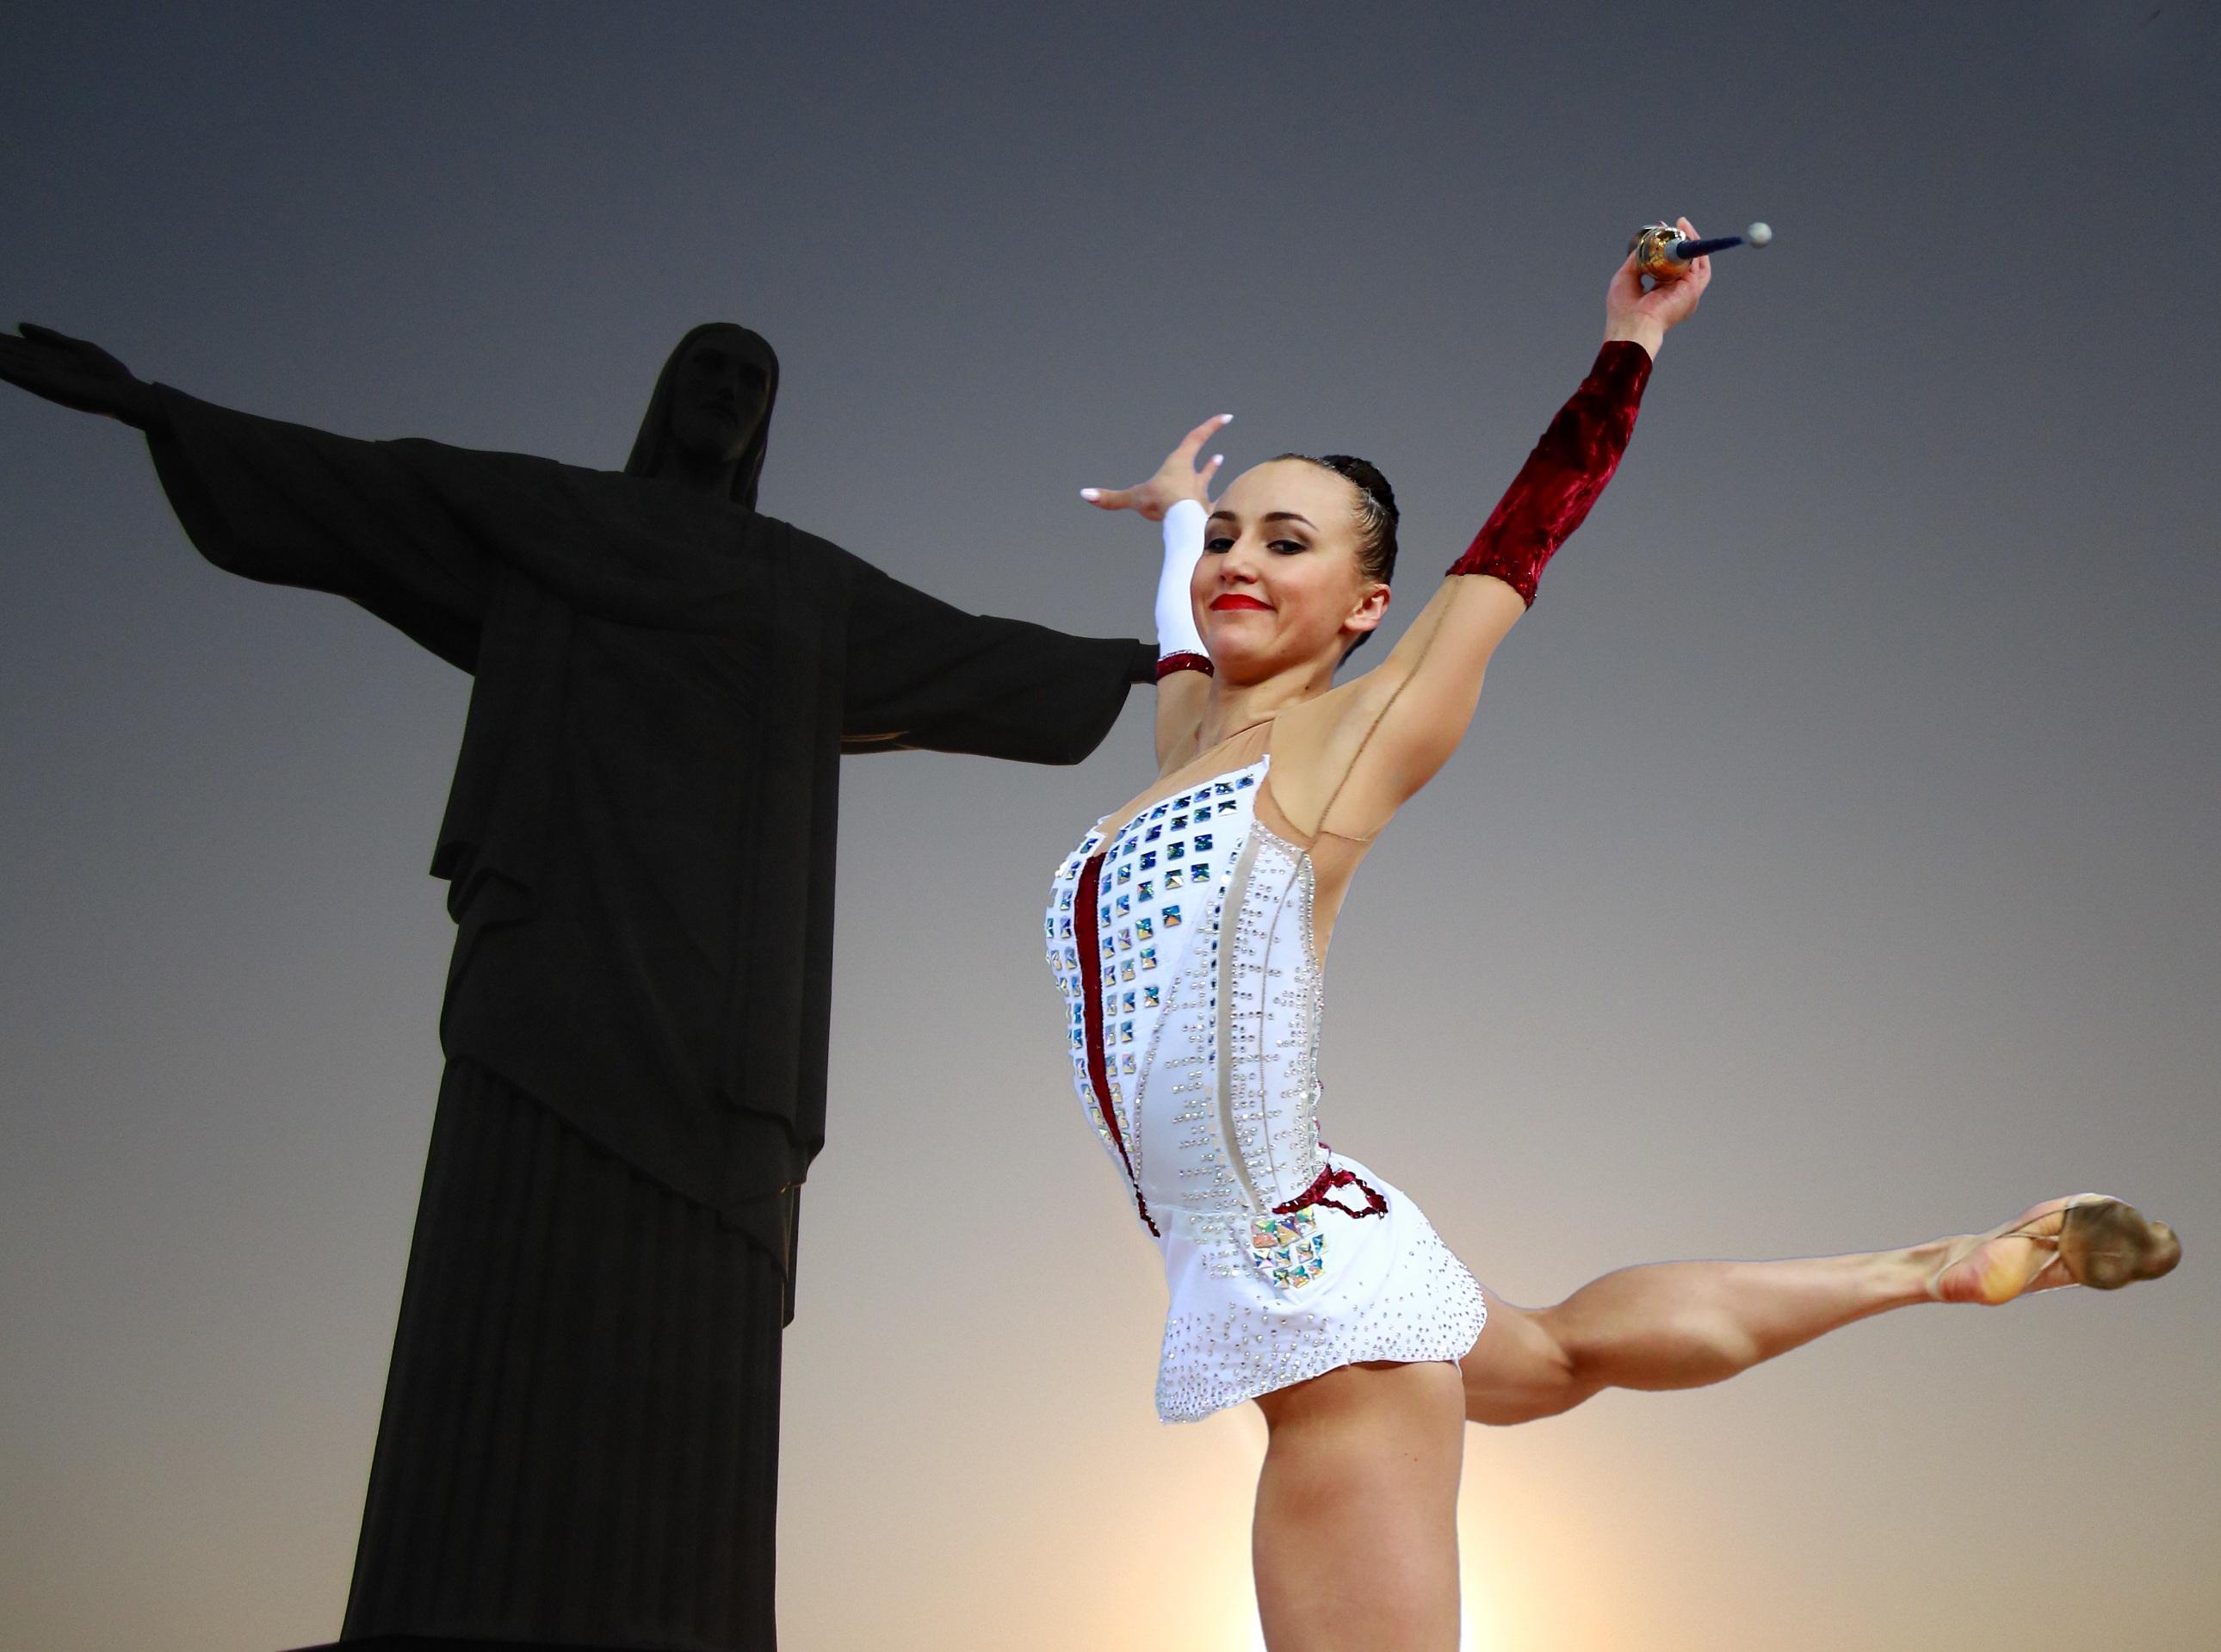 Fotos gratis deporte hembra baile interior rio de for Deportes de gimnasia